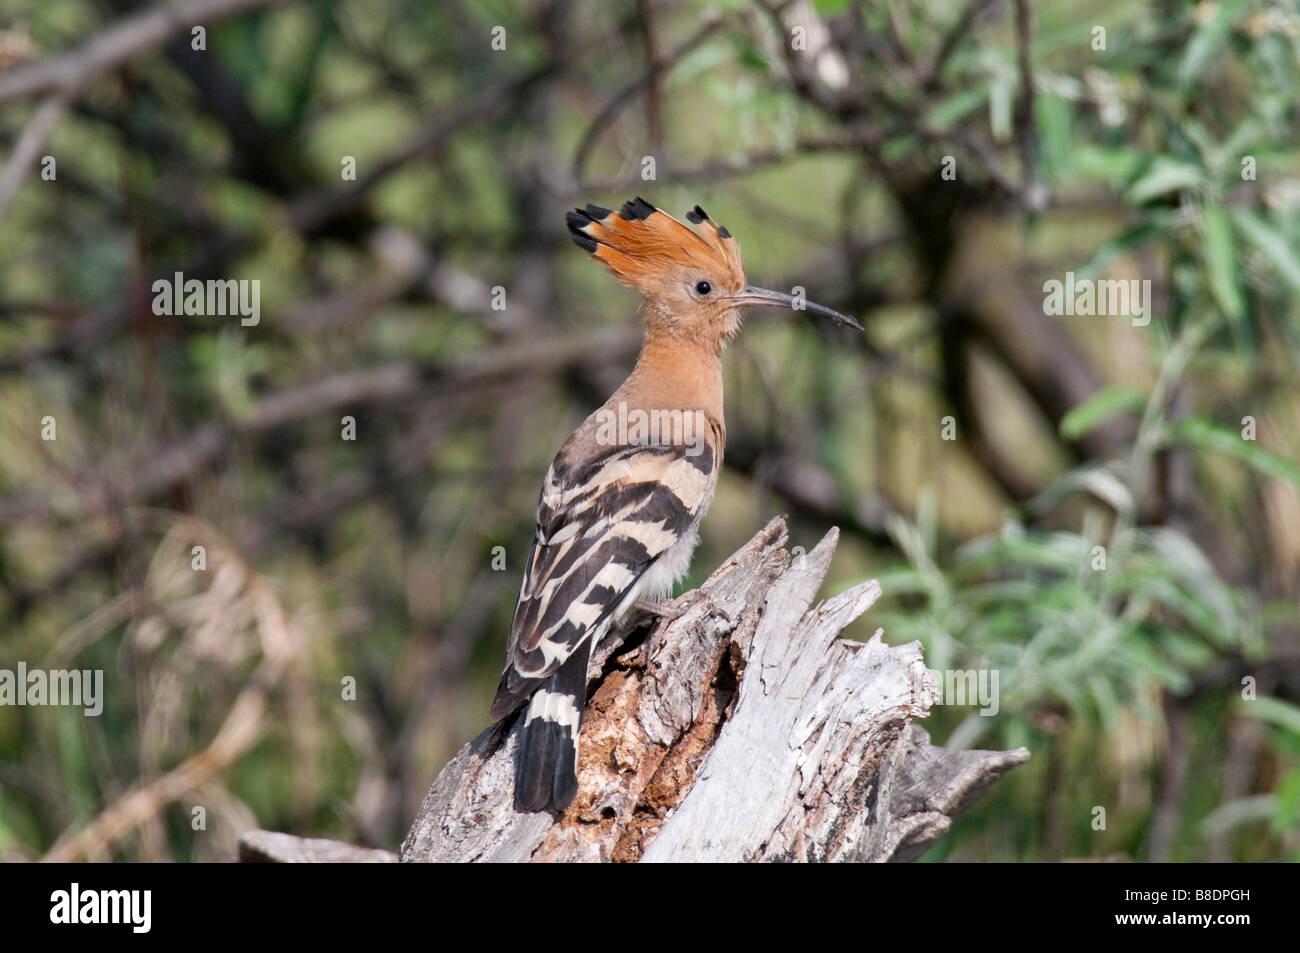 Wiedehopf (Upupa epops) - Hoopoe Stock Photo